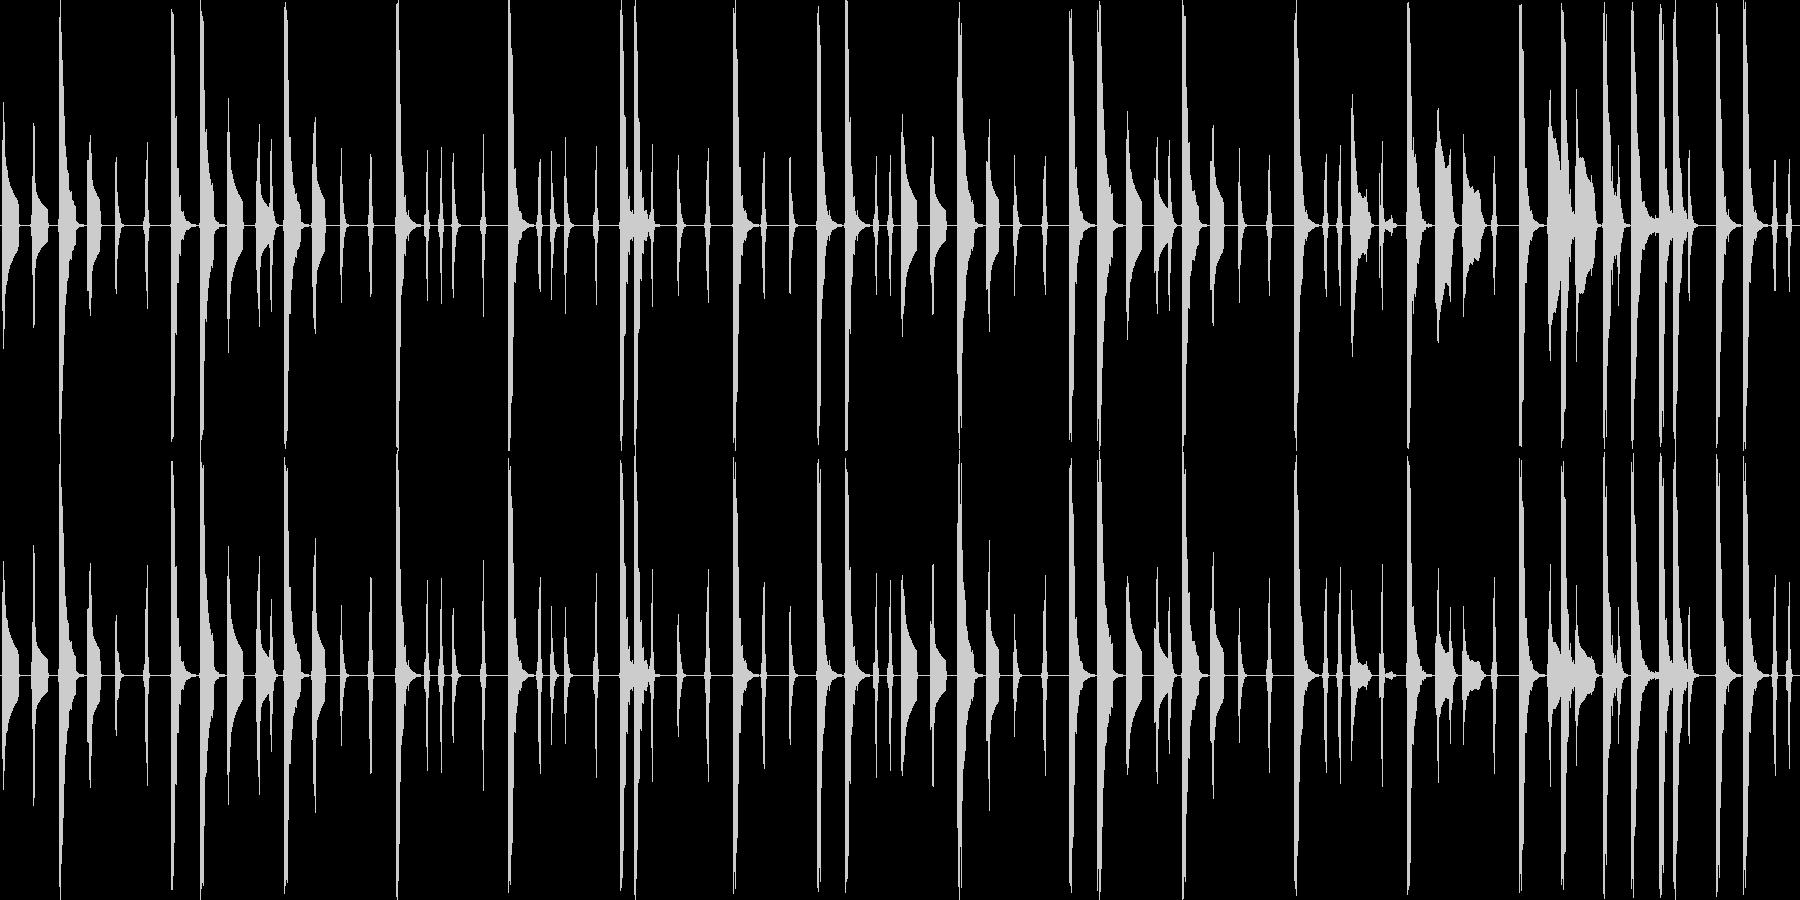 レトロゲーム風のコミカルなエレクトロニカの未再生の波形